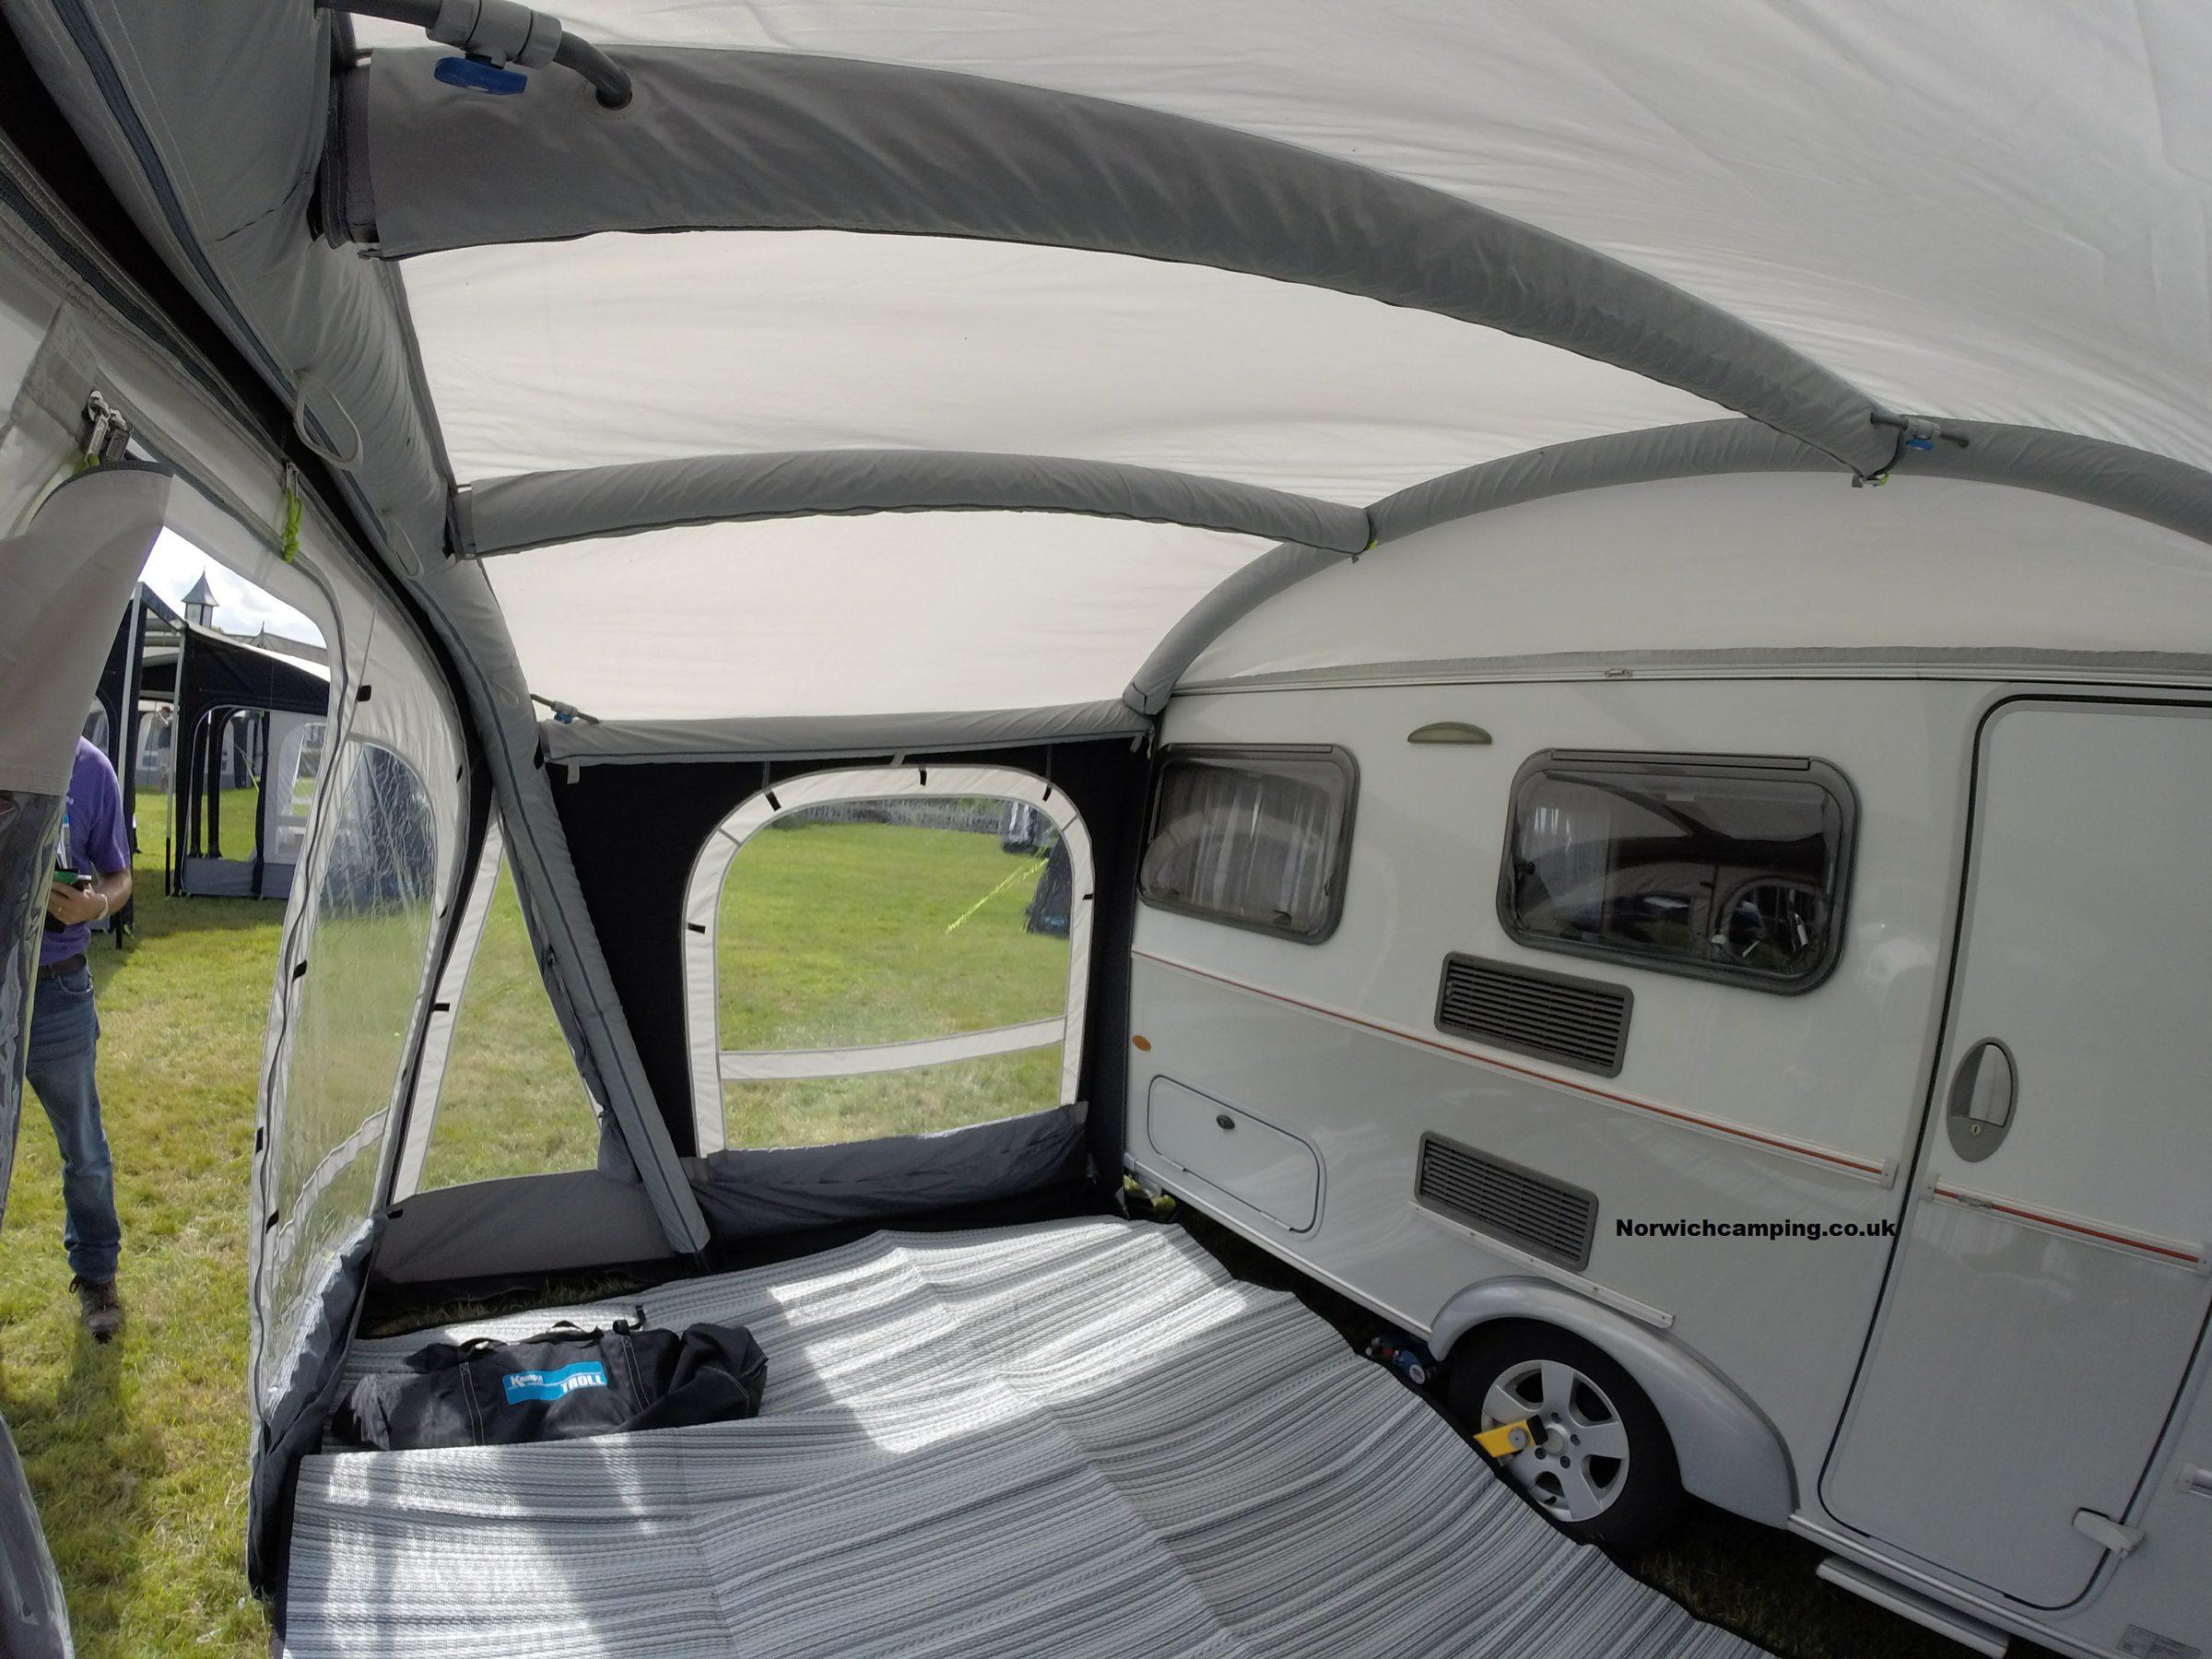 Best pop-up caravans for sale